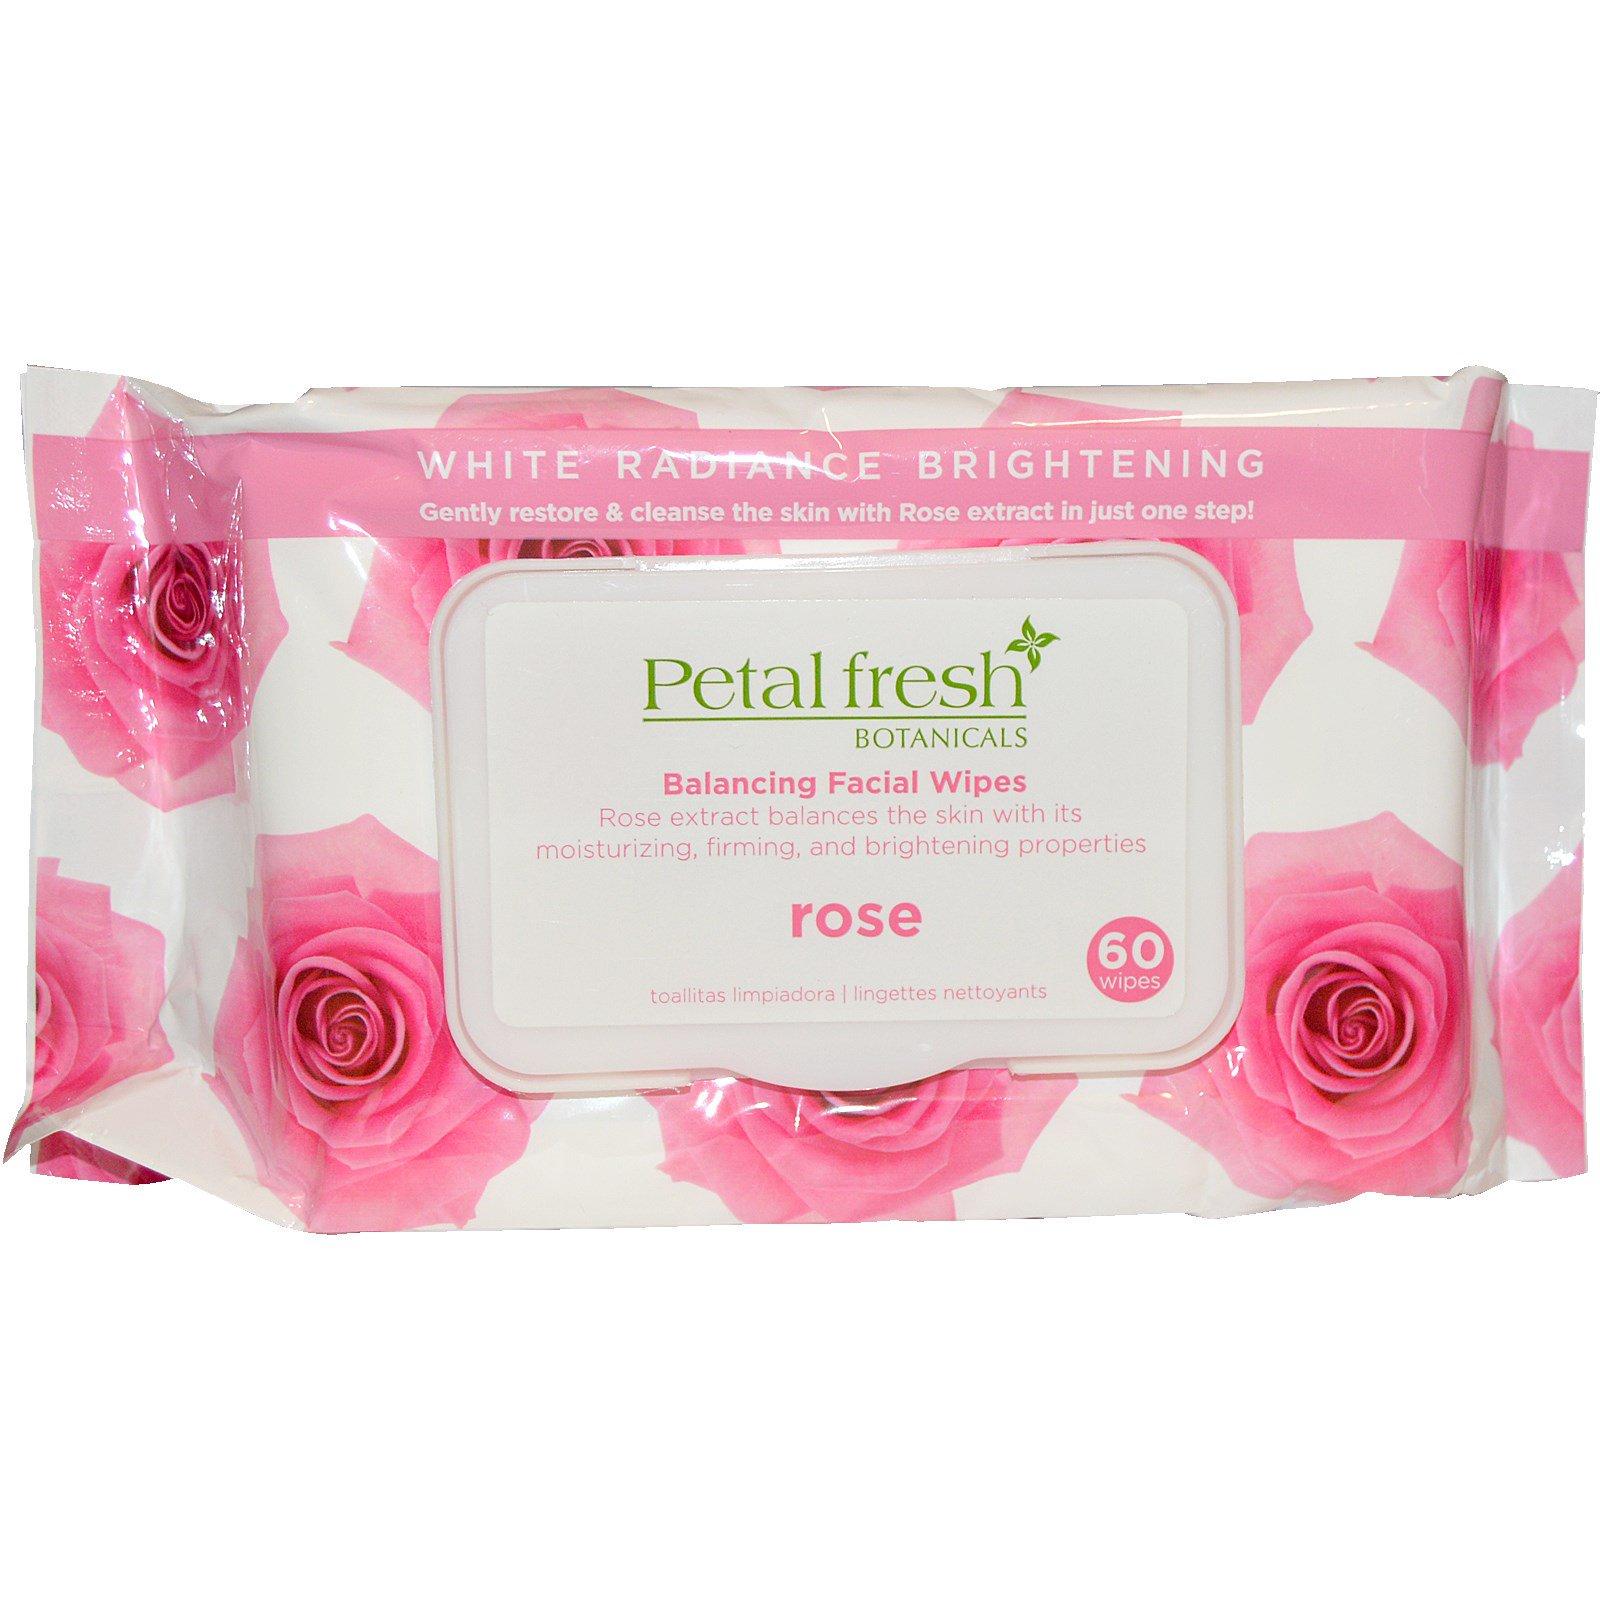 Petal Fresh, Petal Fresh Botanicals, балансирующие салфетки для лица, роза, 60 шт.